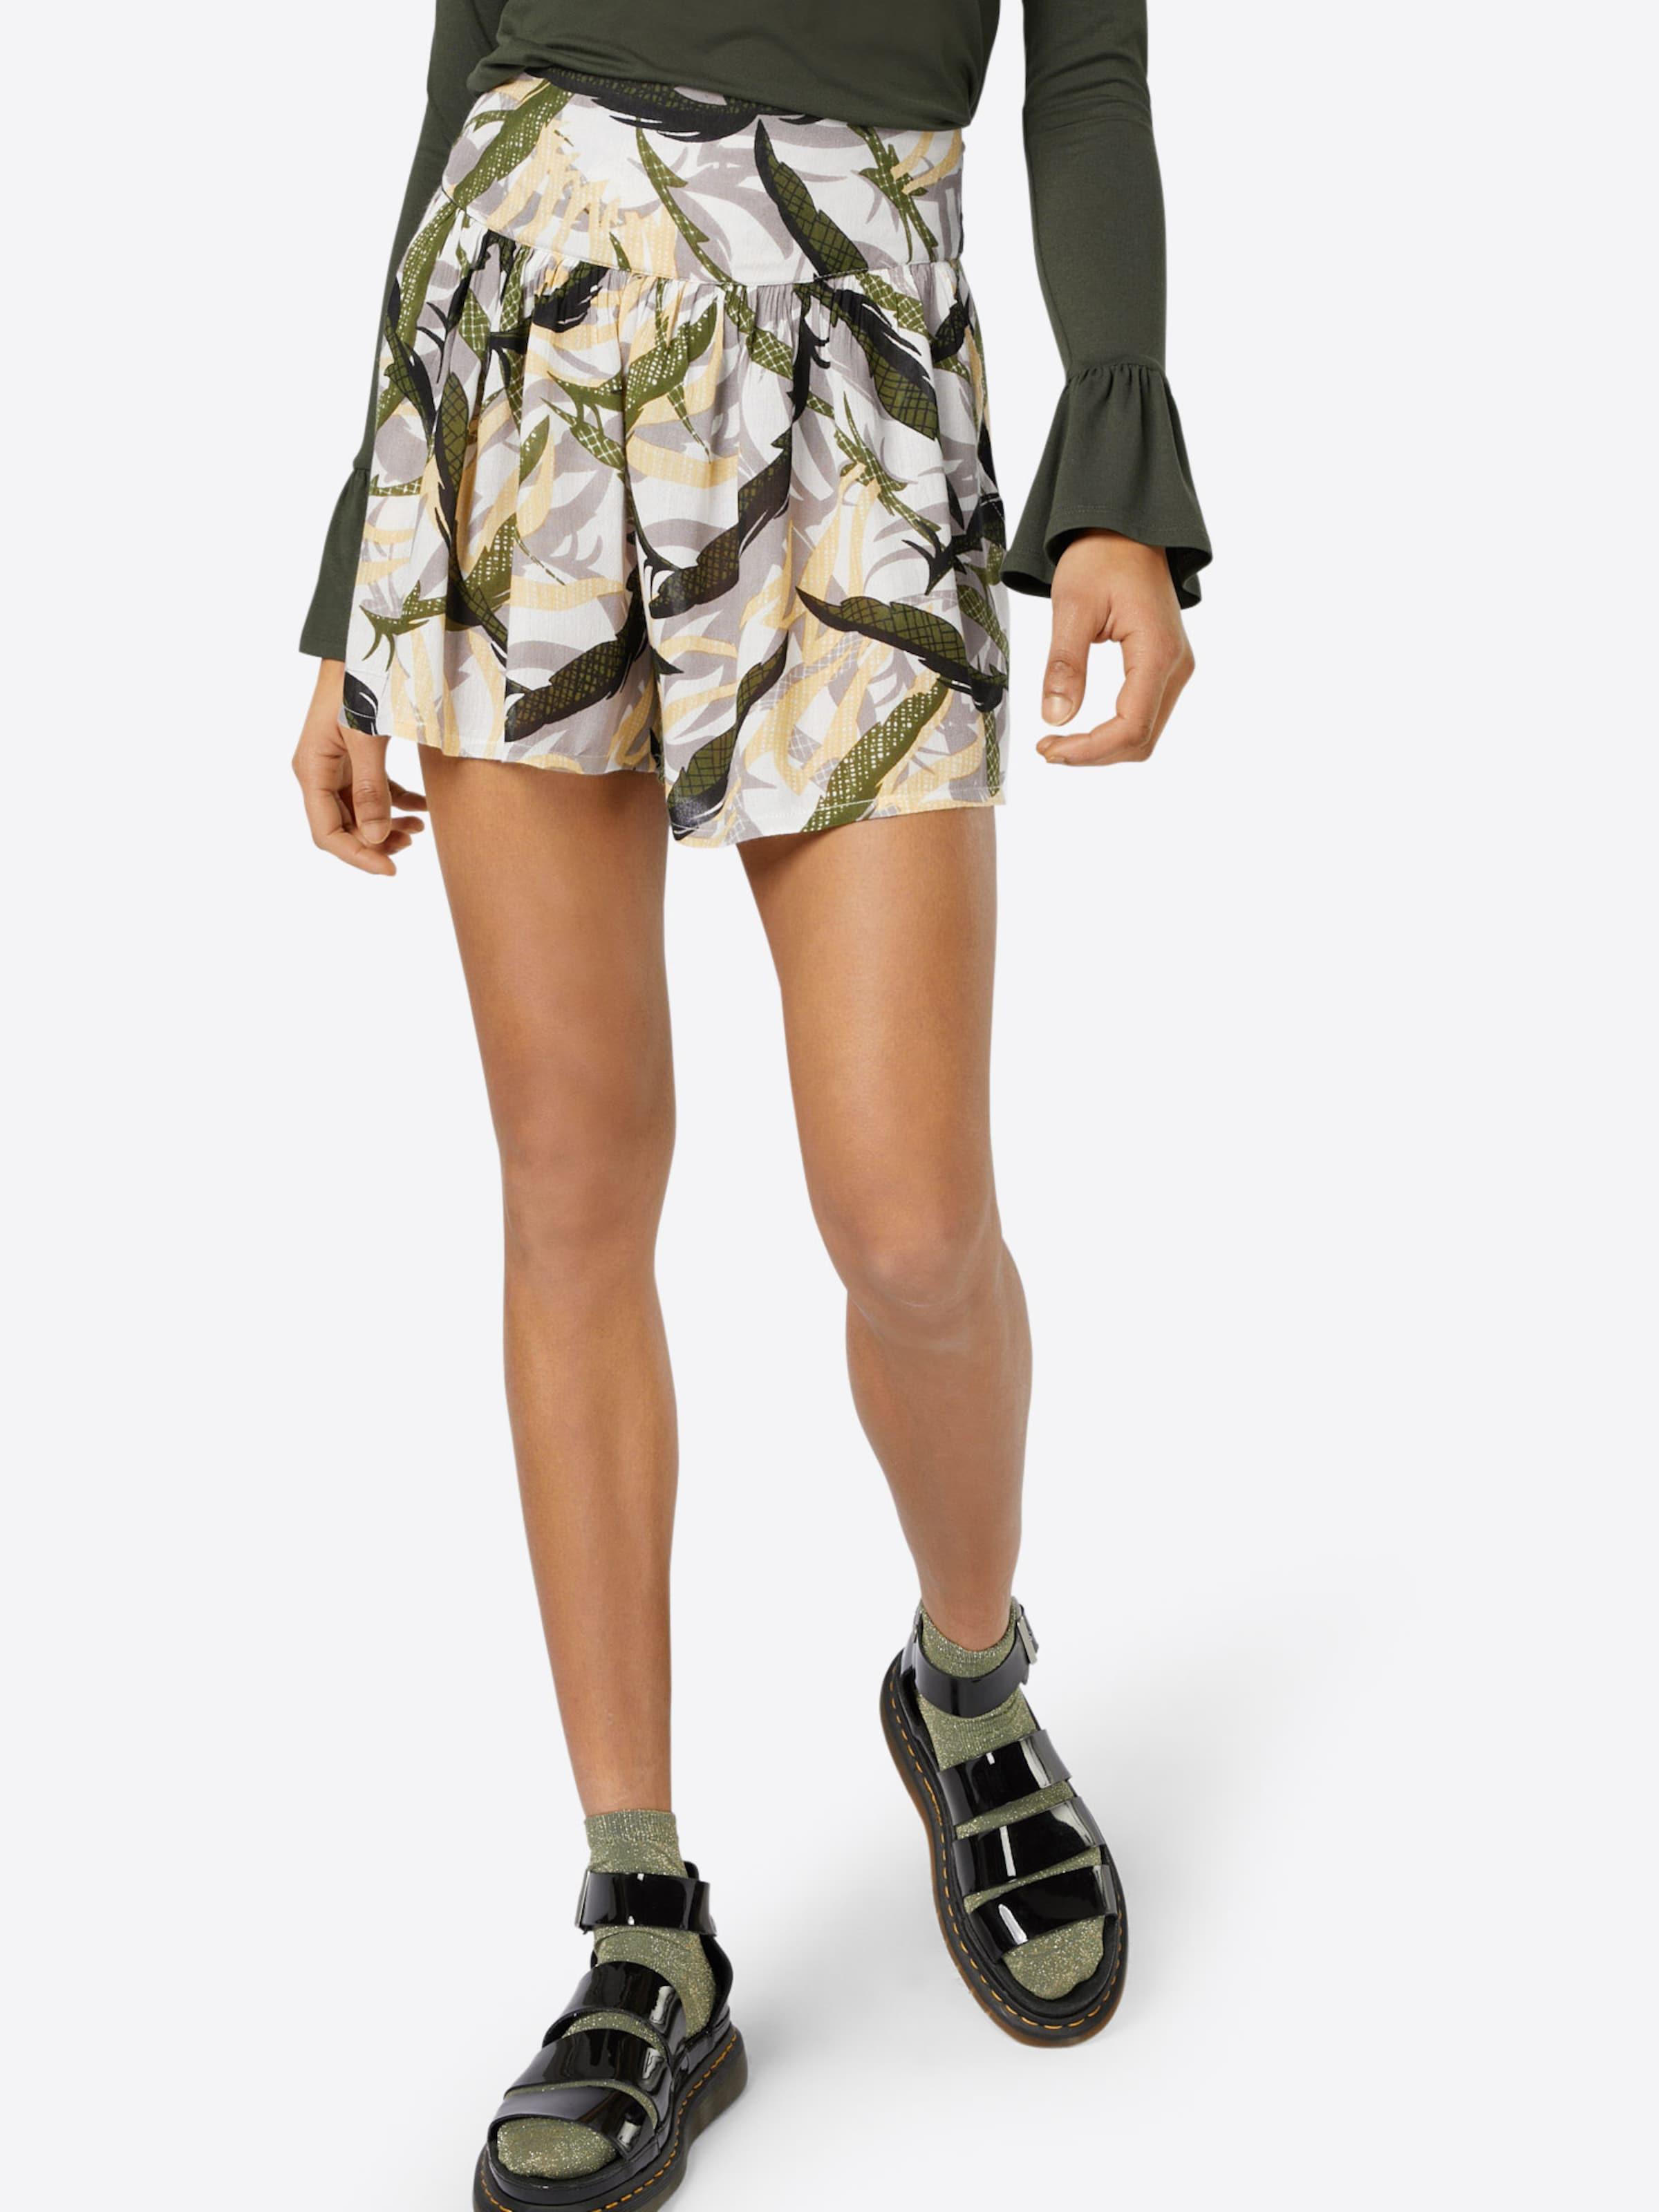 Shorts In 'naba' Mischfarben Desires Shorts Desires Desires Shorts 'naba' In Mischfarben MGUSVpqz